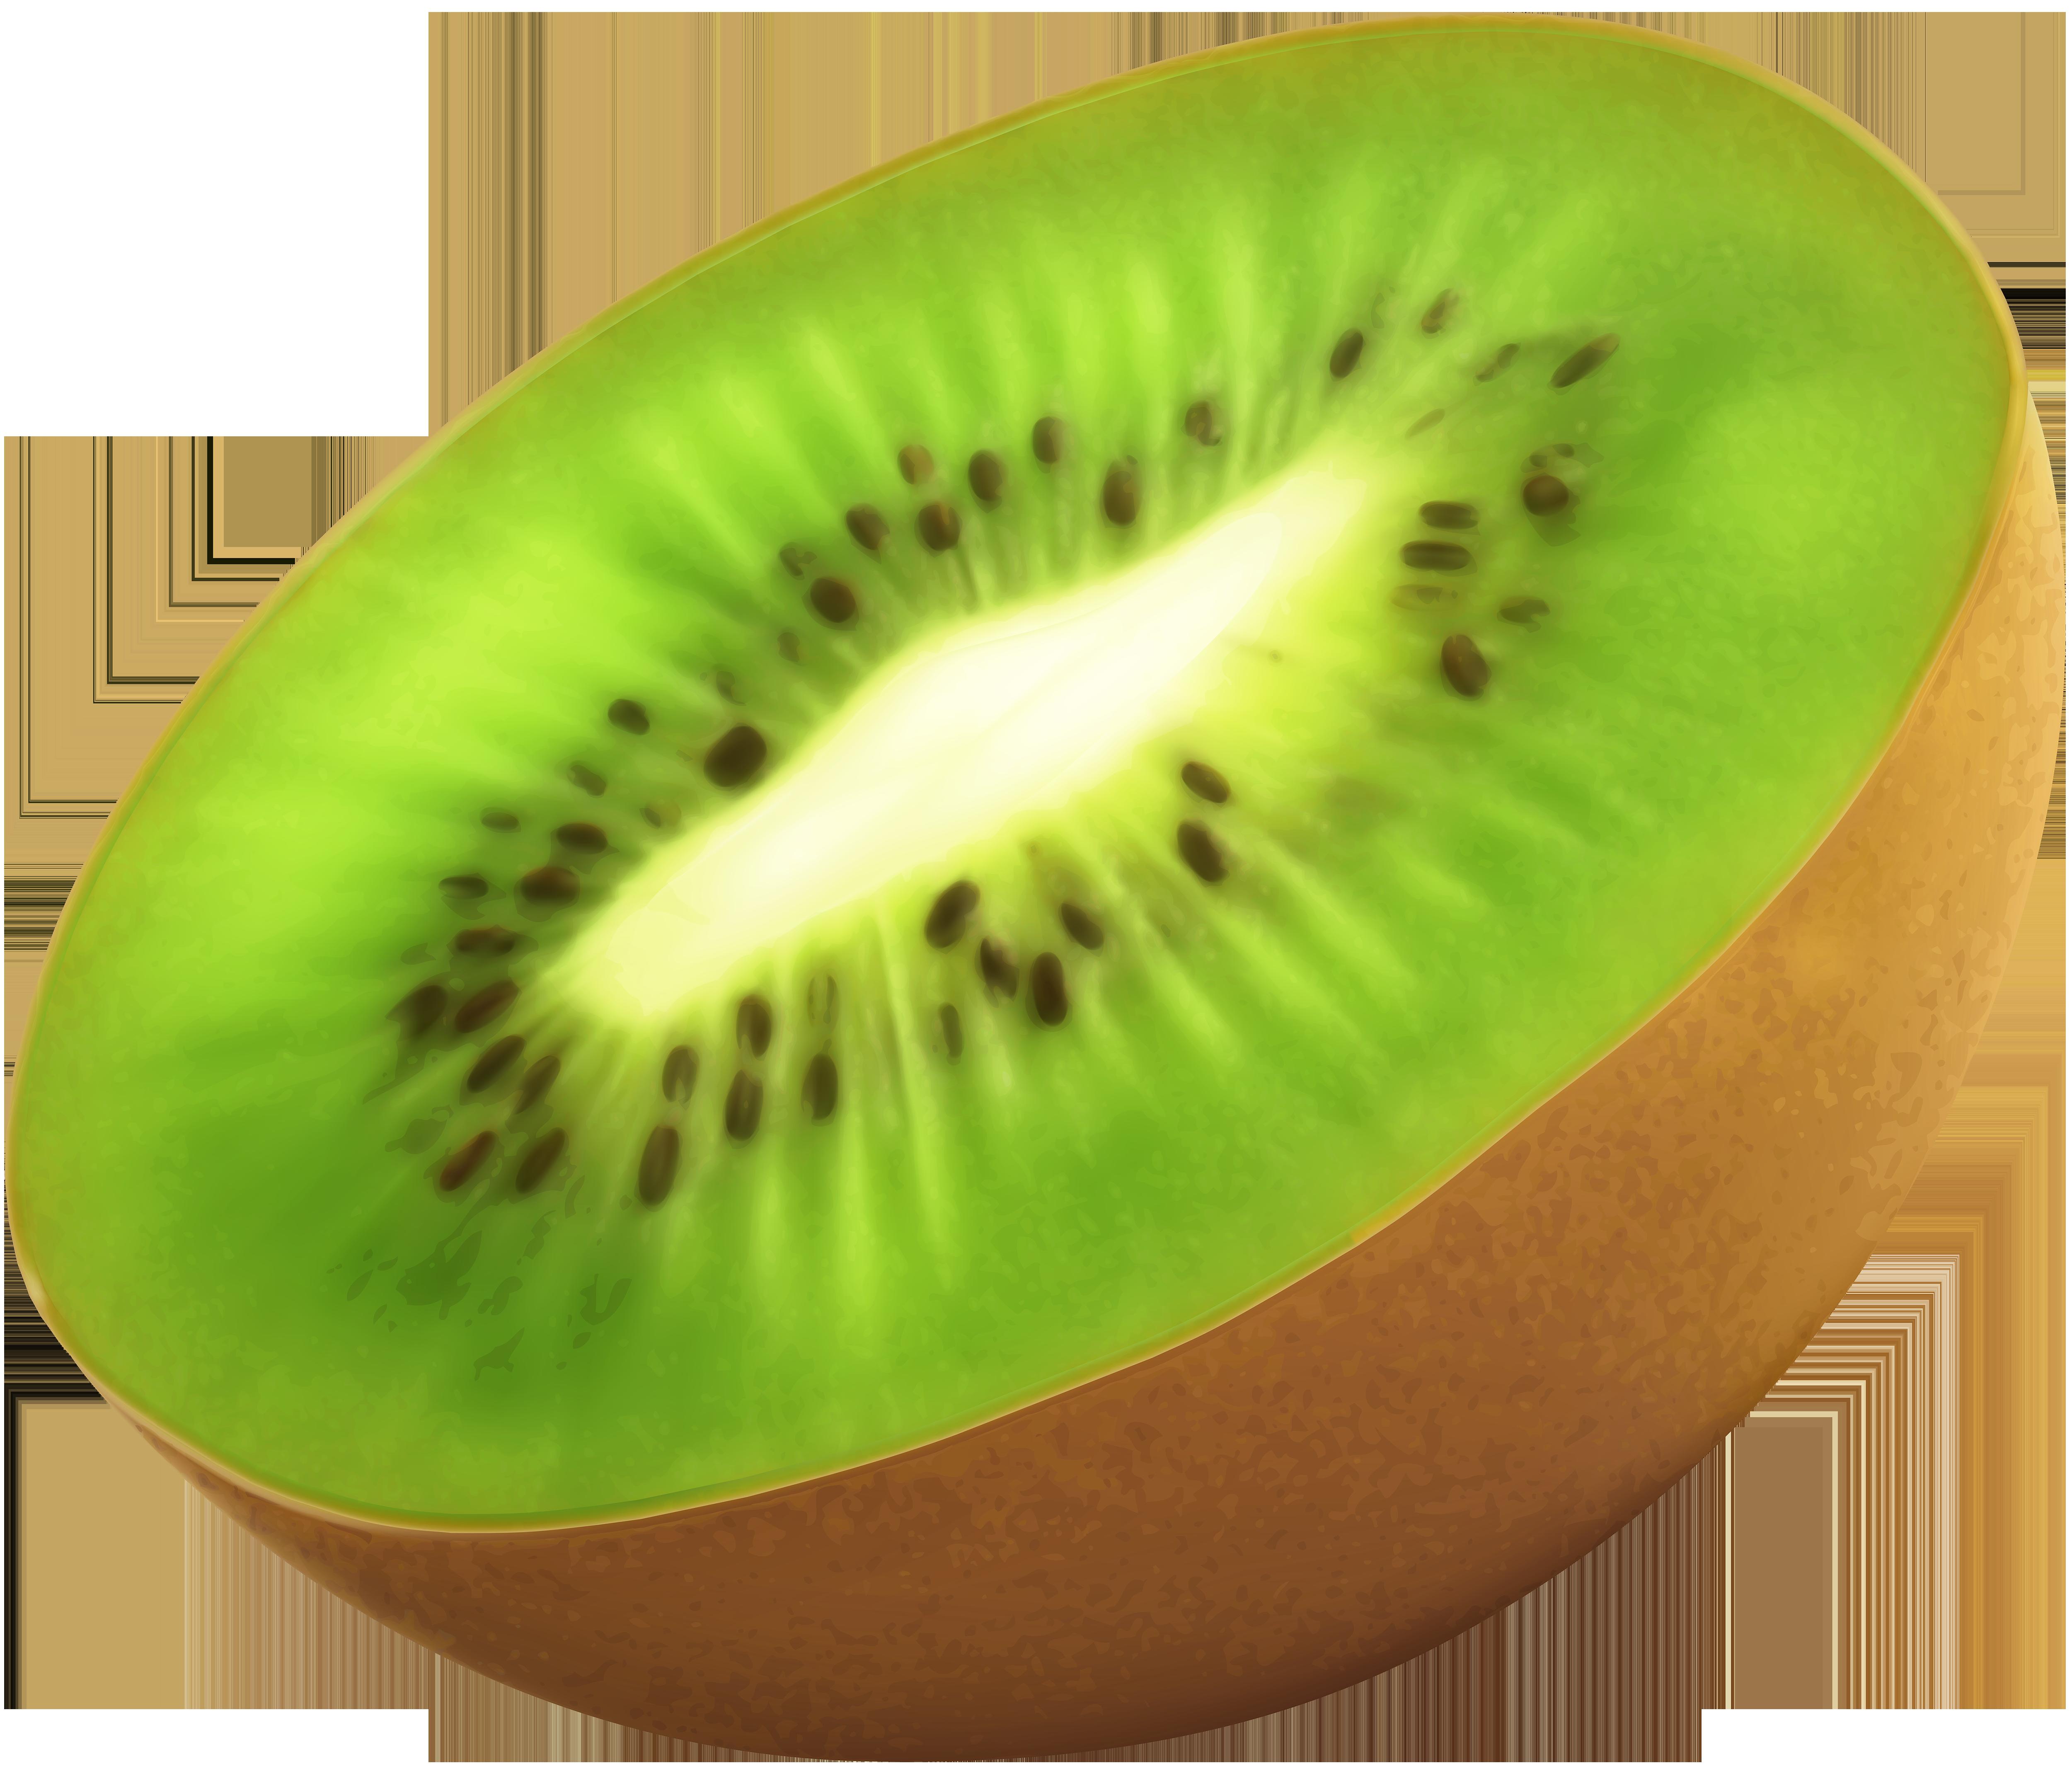 Png clip art image. Kiwi clipart transparent background